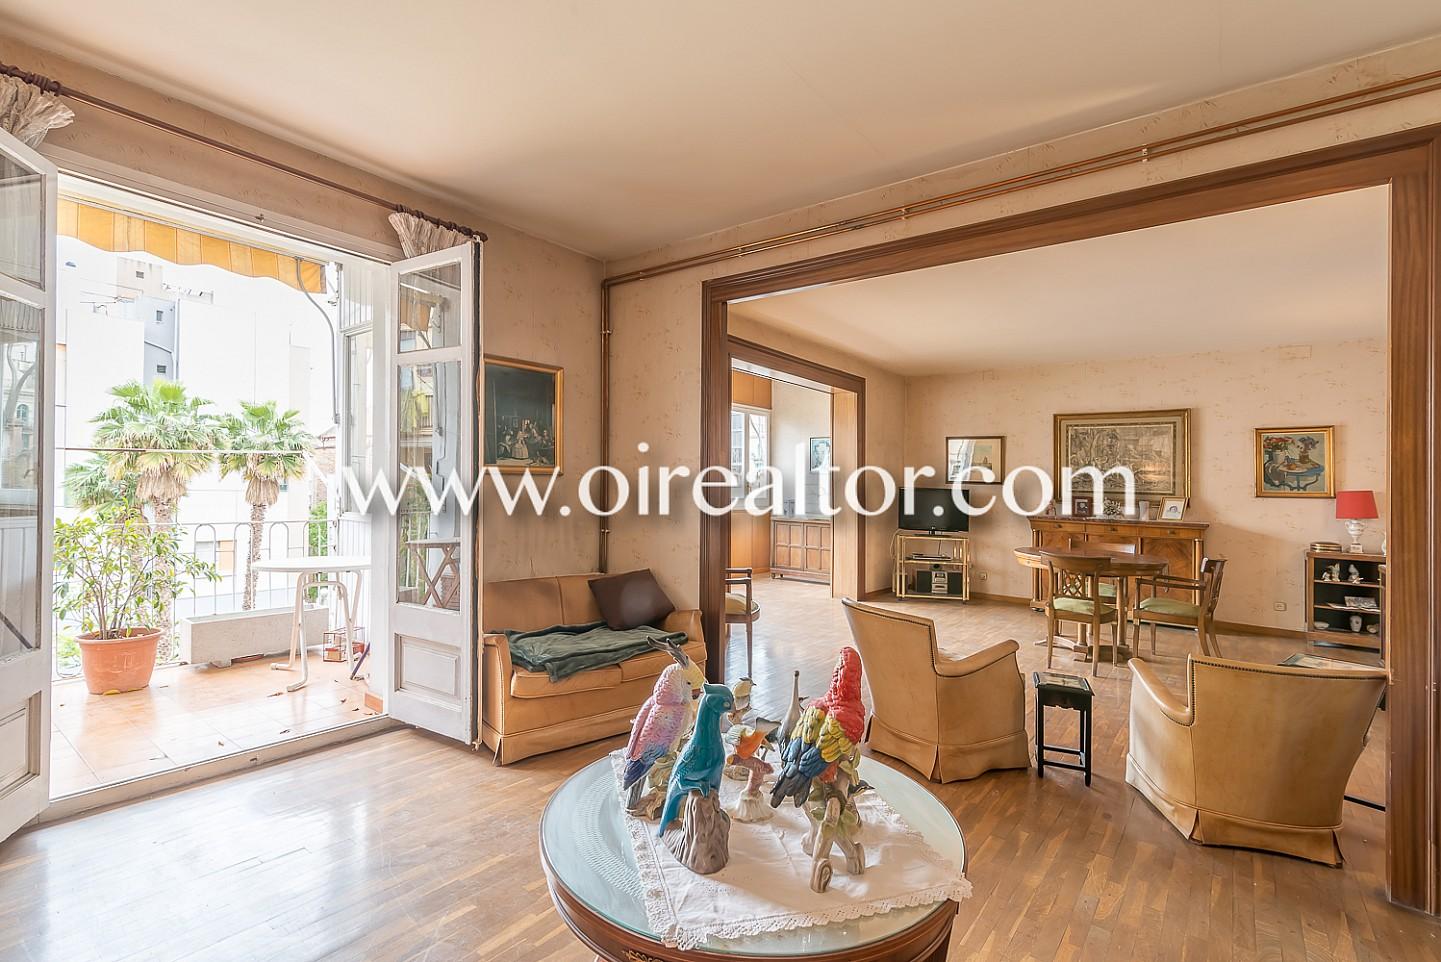 Gran piso en venta a reformar en eixample dreta barcelona oi realtor - Pisos a reformar en barcelona ...